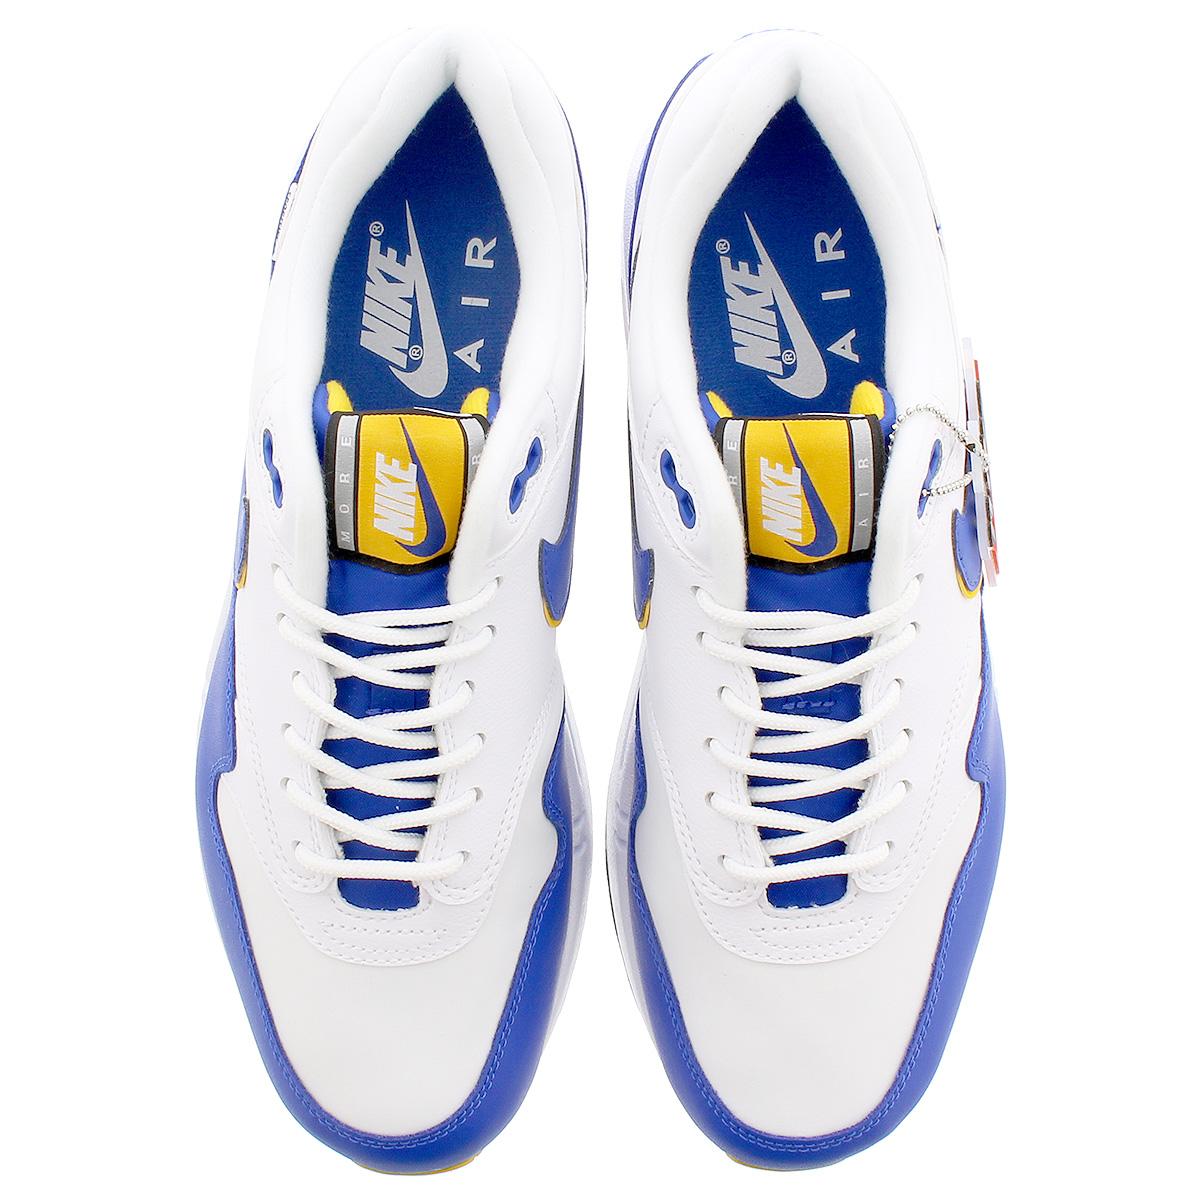 Nike Air Max 1 SE 'Royal & Gold'